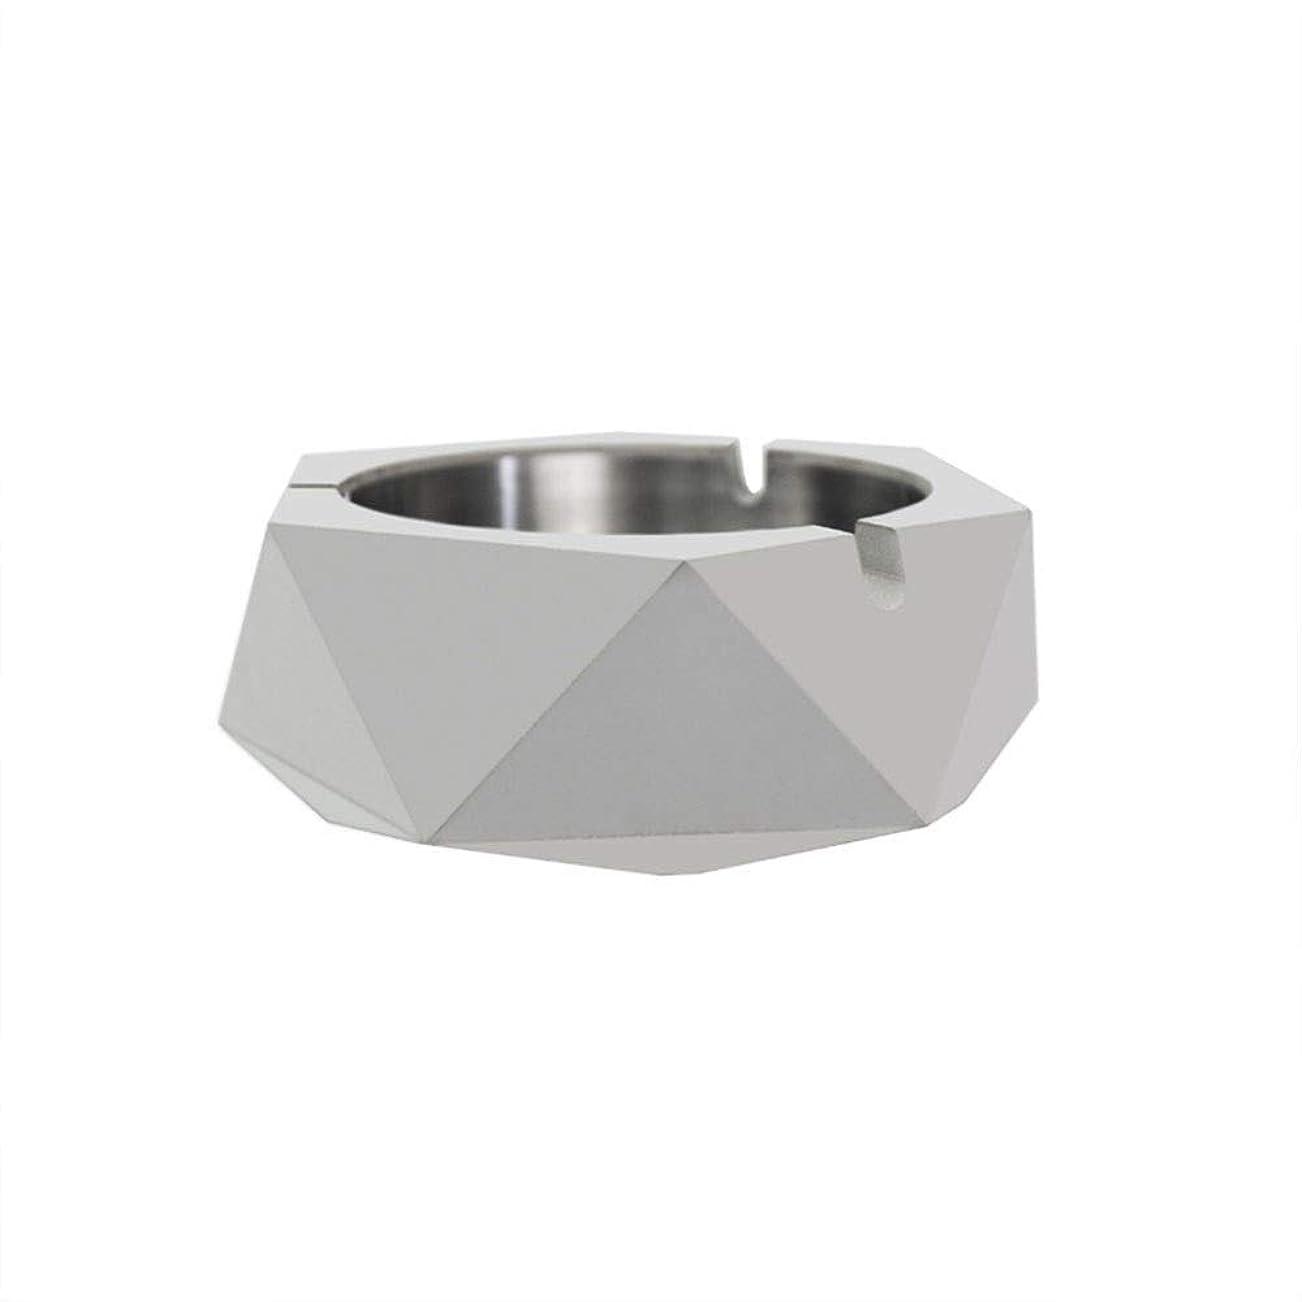 提出するキャップ動ダイヤモンド型シリコーン型石膏セメントDIY灰皿ローソク足、セメントクリエイティブ灰皿、セメントクリエイティブ灰皿増加 (色 : A)